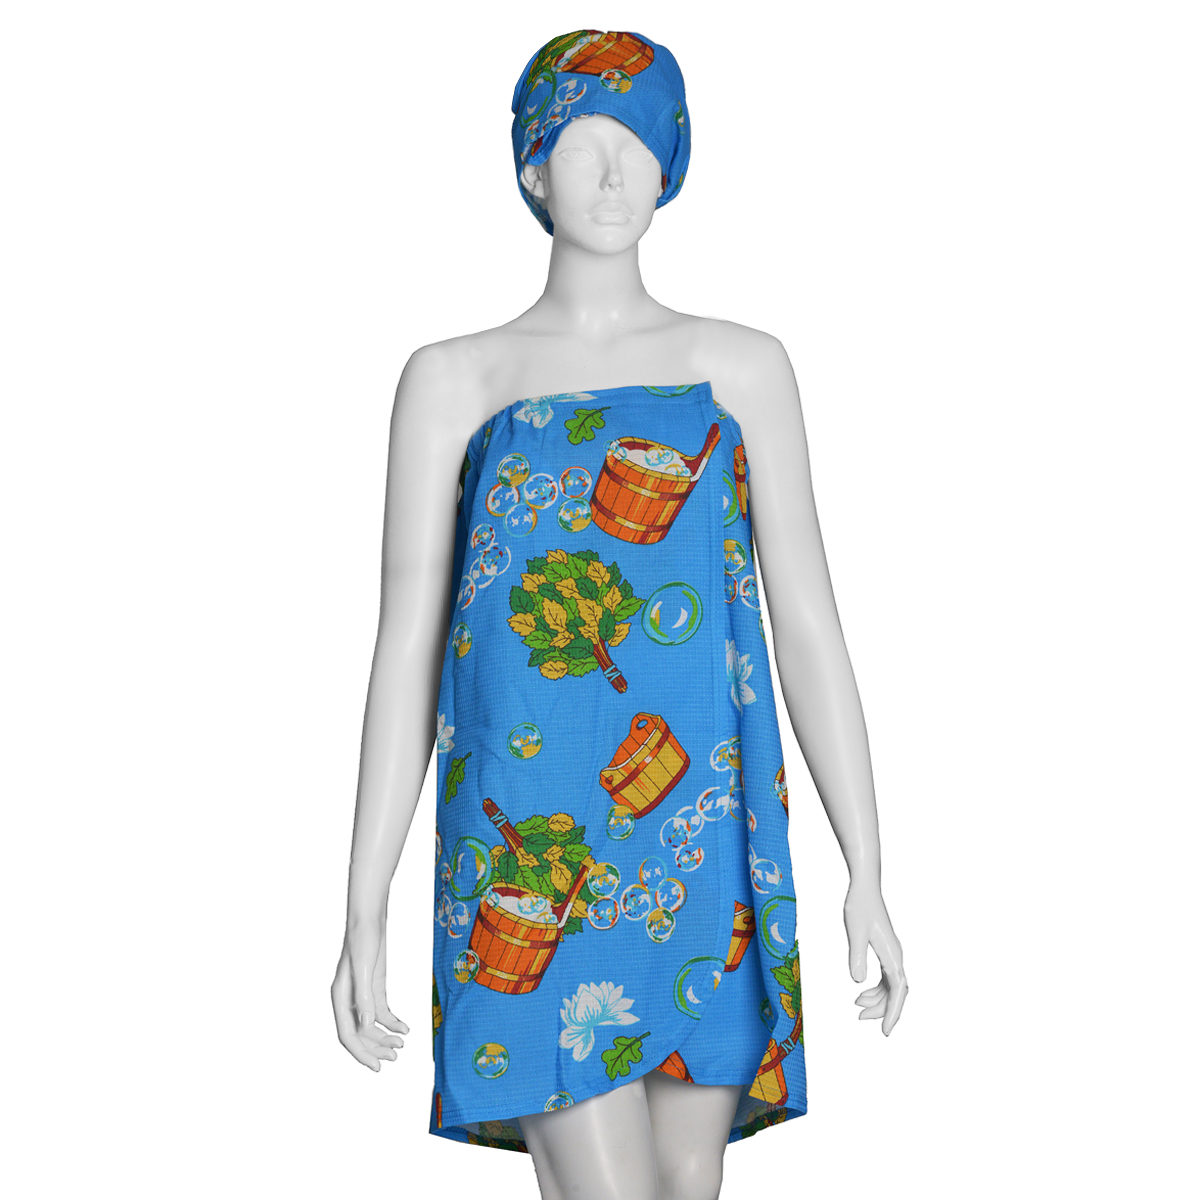 Комплект для бани и сауны Ева женский, цвет: голубой, 2 предмета. БН26 сауны бани и оборудование valentini набор для сауны camomile цвет розовый